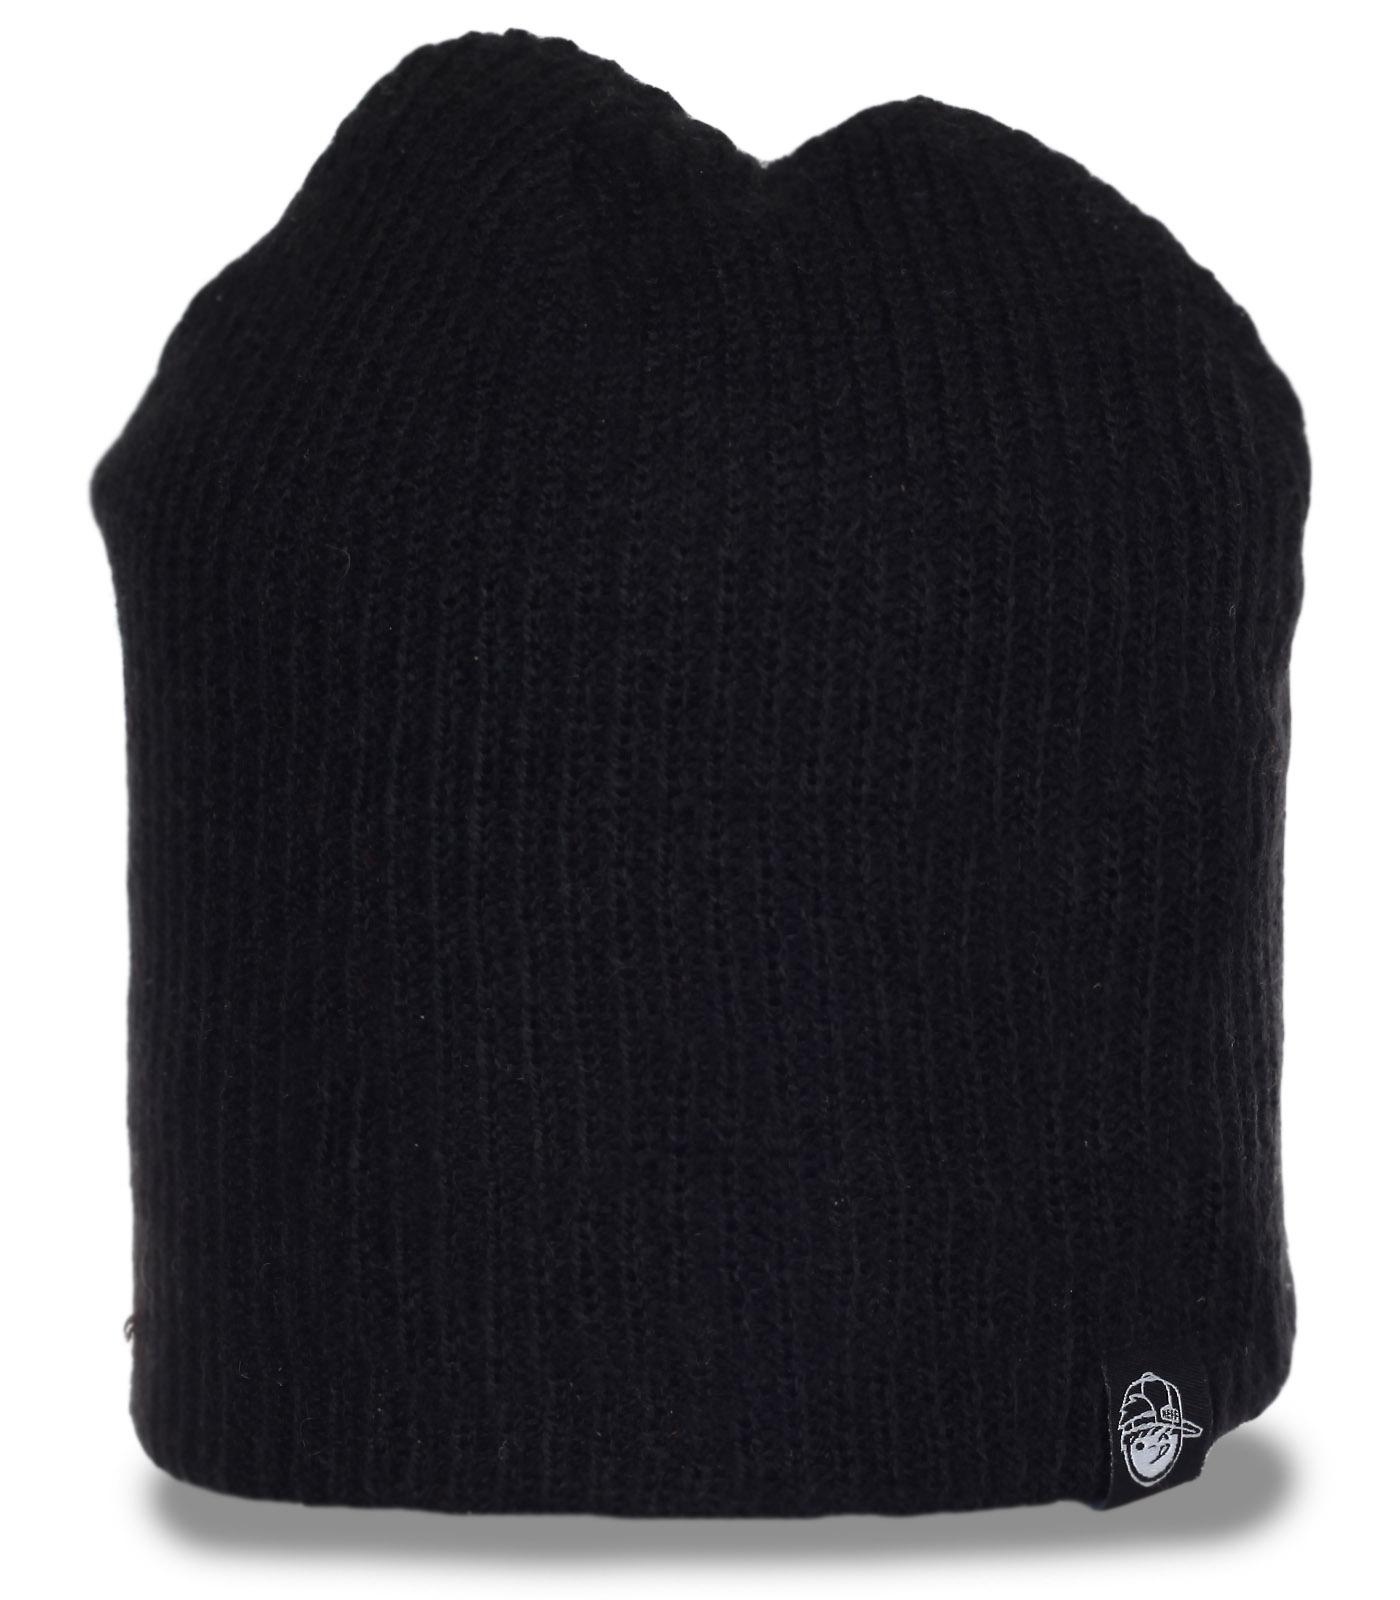 Практичная черная шапка ребристой вязки для активных мужчин и на природу и на охоту